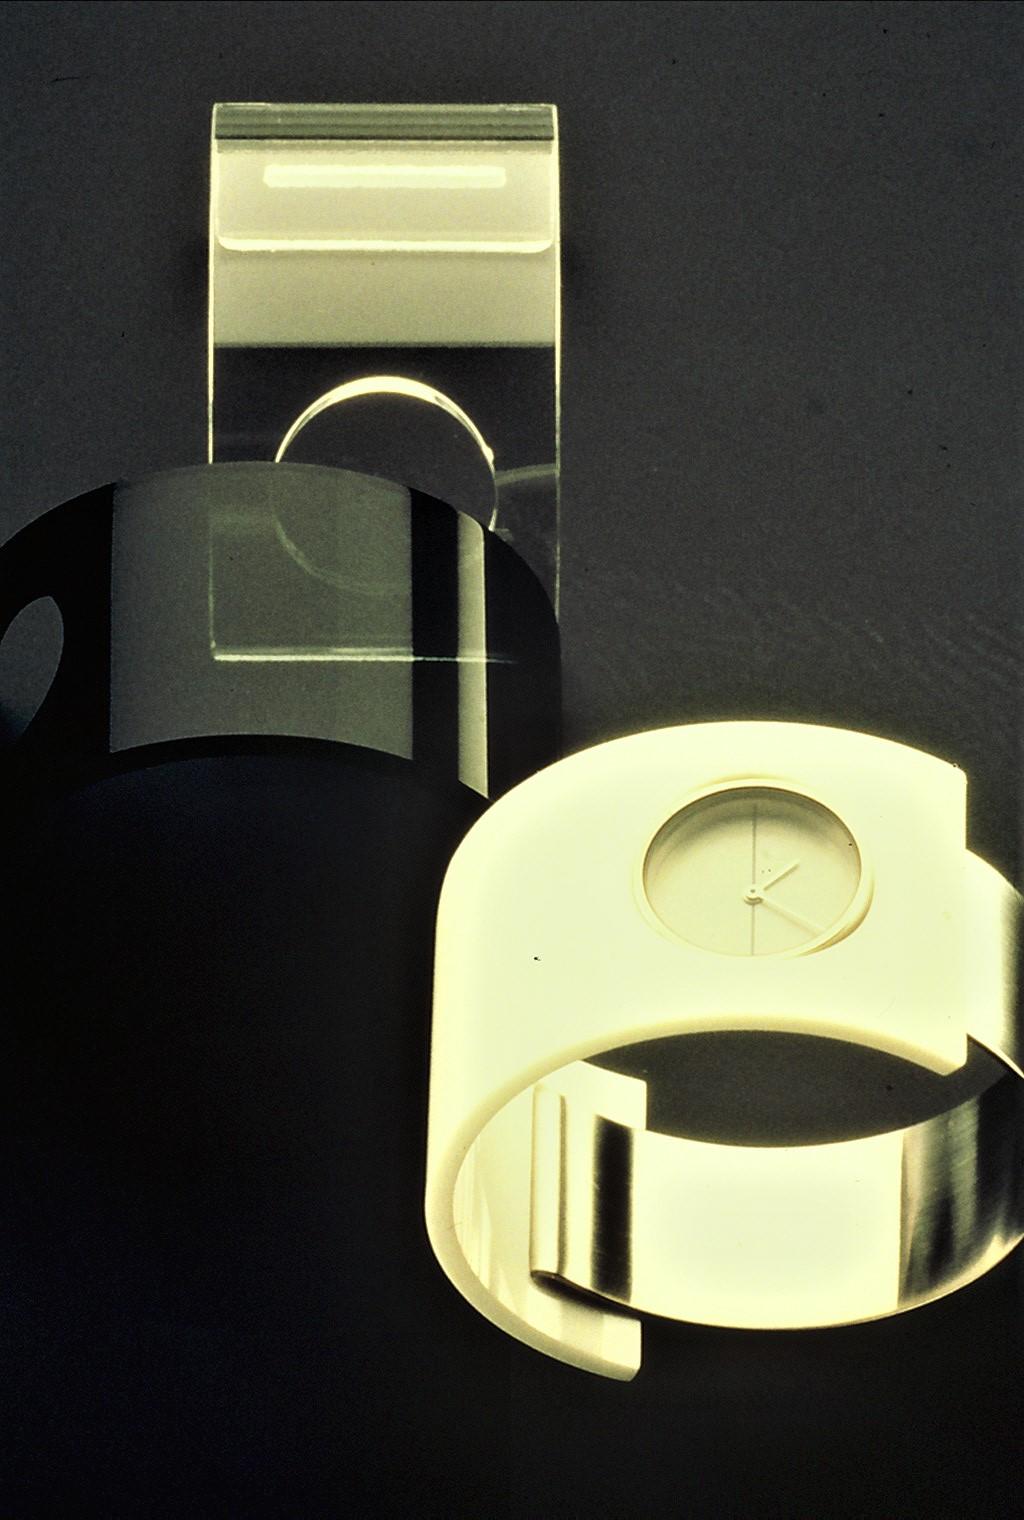 Bruno Ninaber van Eyben, horloge, 1975, roestvrij staal, acrylaat